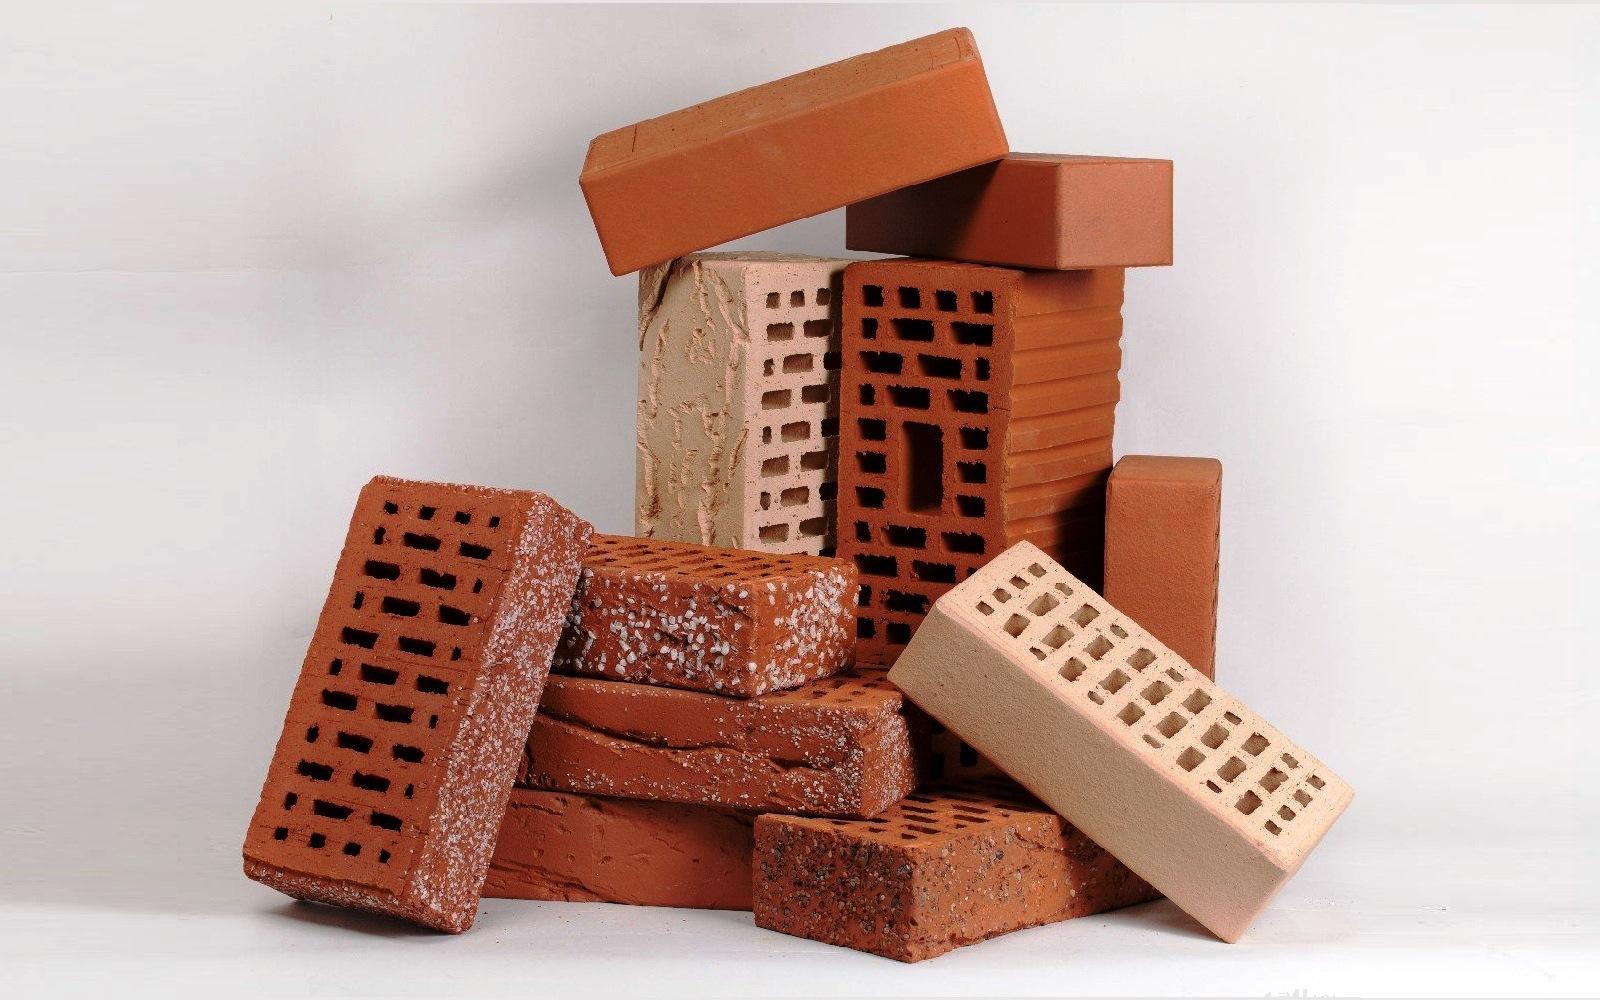 Кирпич уже давно стал использоваться людьми как строительный материал. В этой статье изучаем его виды и методы производства этого стройматериала